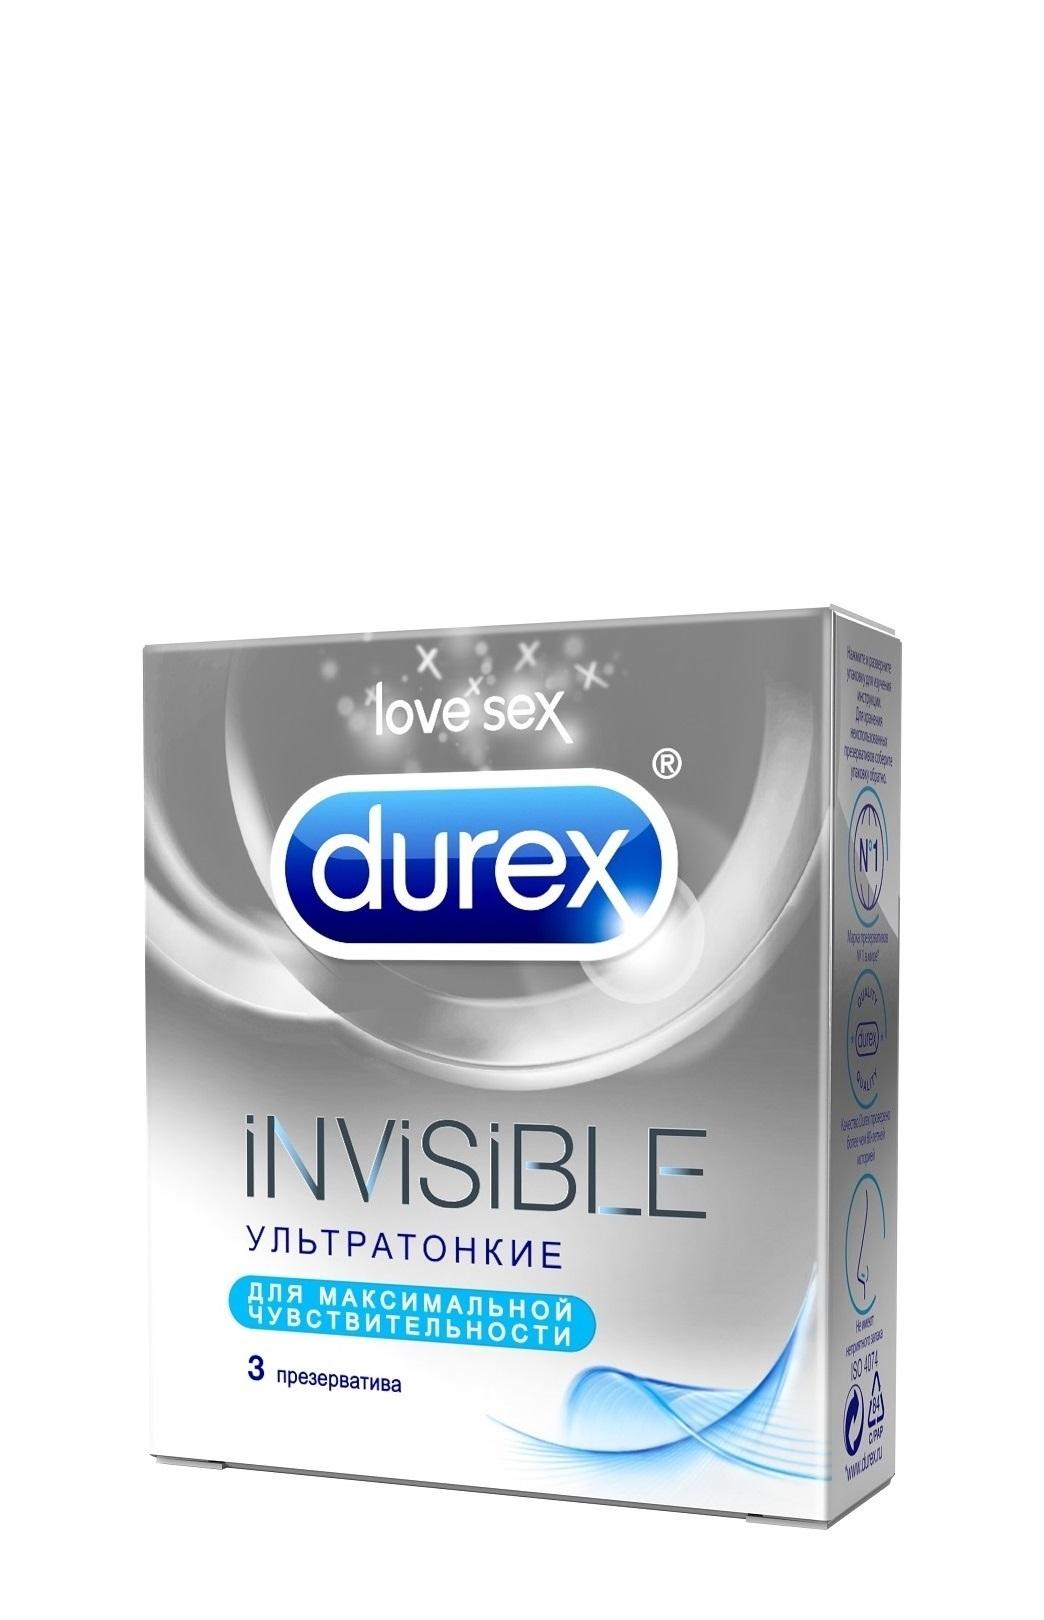 Durex Invisible Презервативы ультратонкие для максимальной чувствительности, 3 шт hot cilitoris creme stimulating 30мл стимулирующий крем для женщин